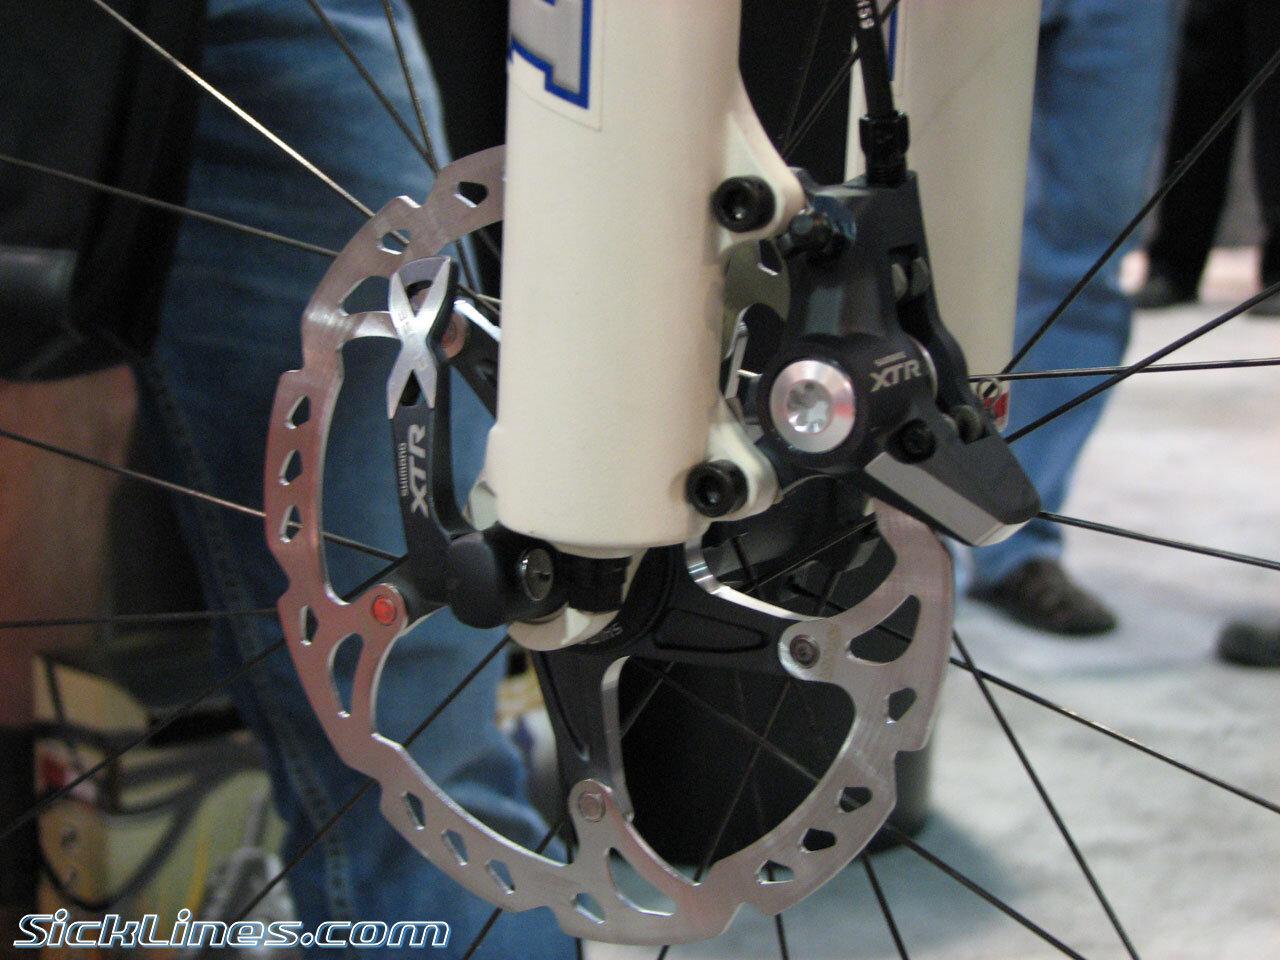 Điểm mặt các bộ Groupset xe đạp mang thương hiệu Shimano (Phần 1)